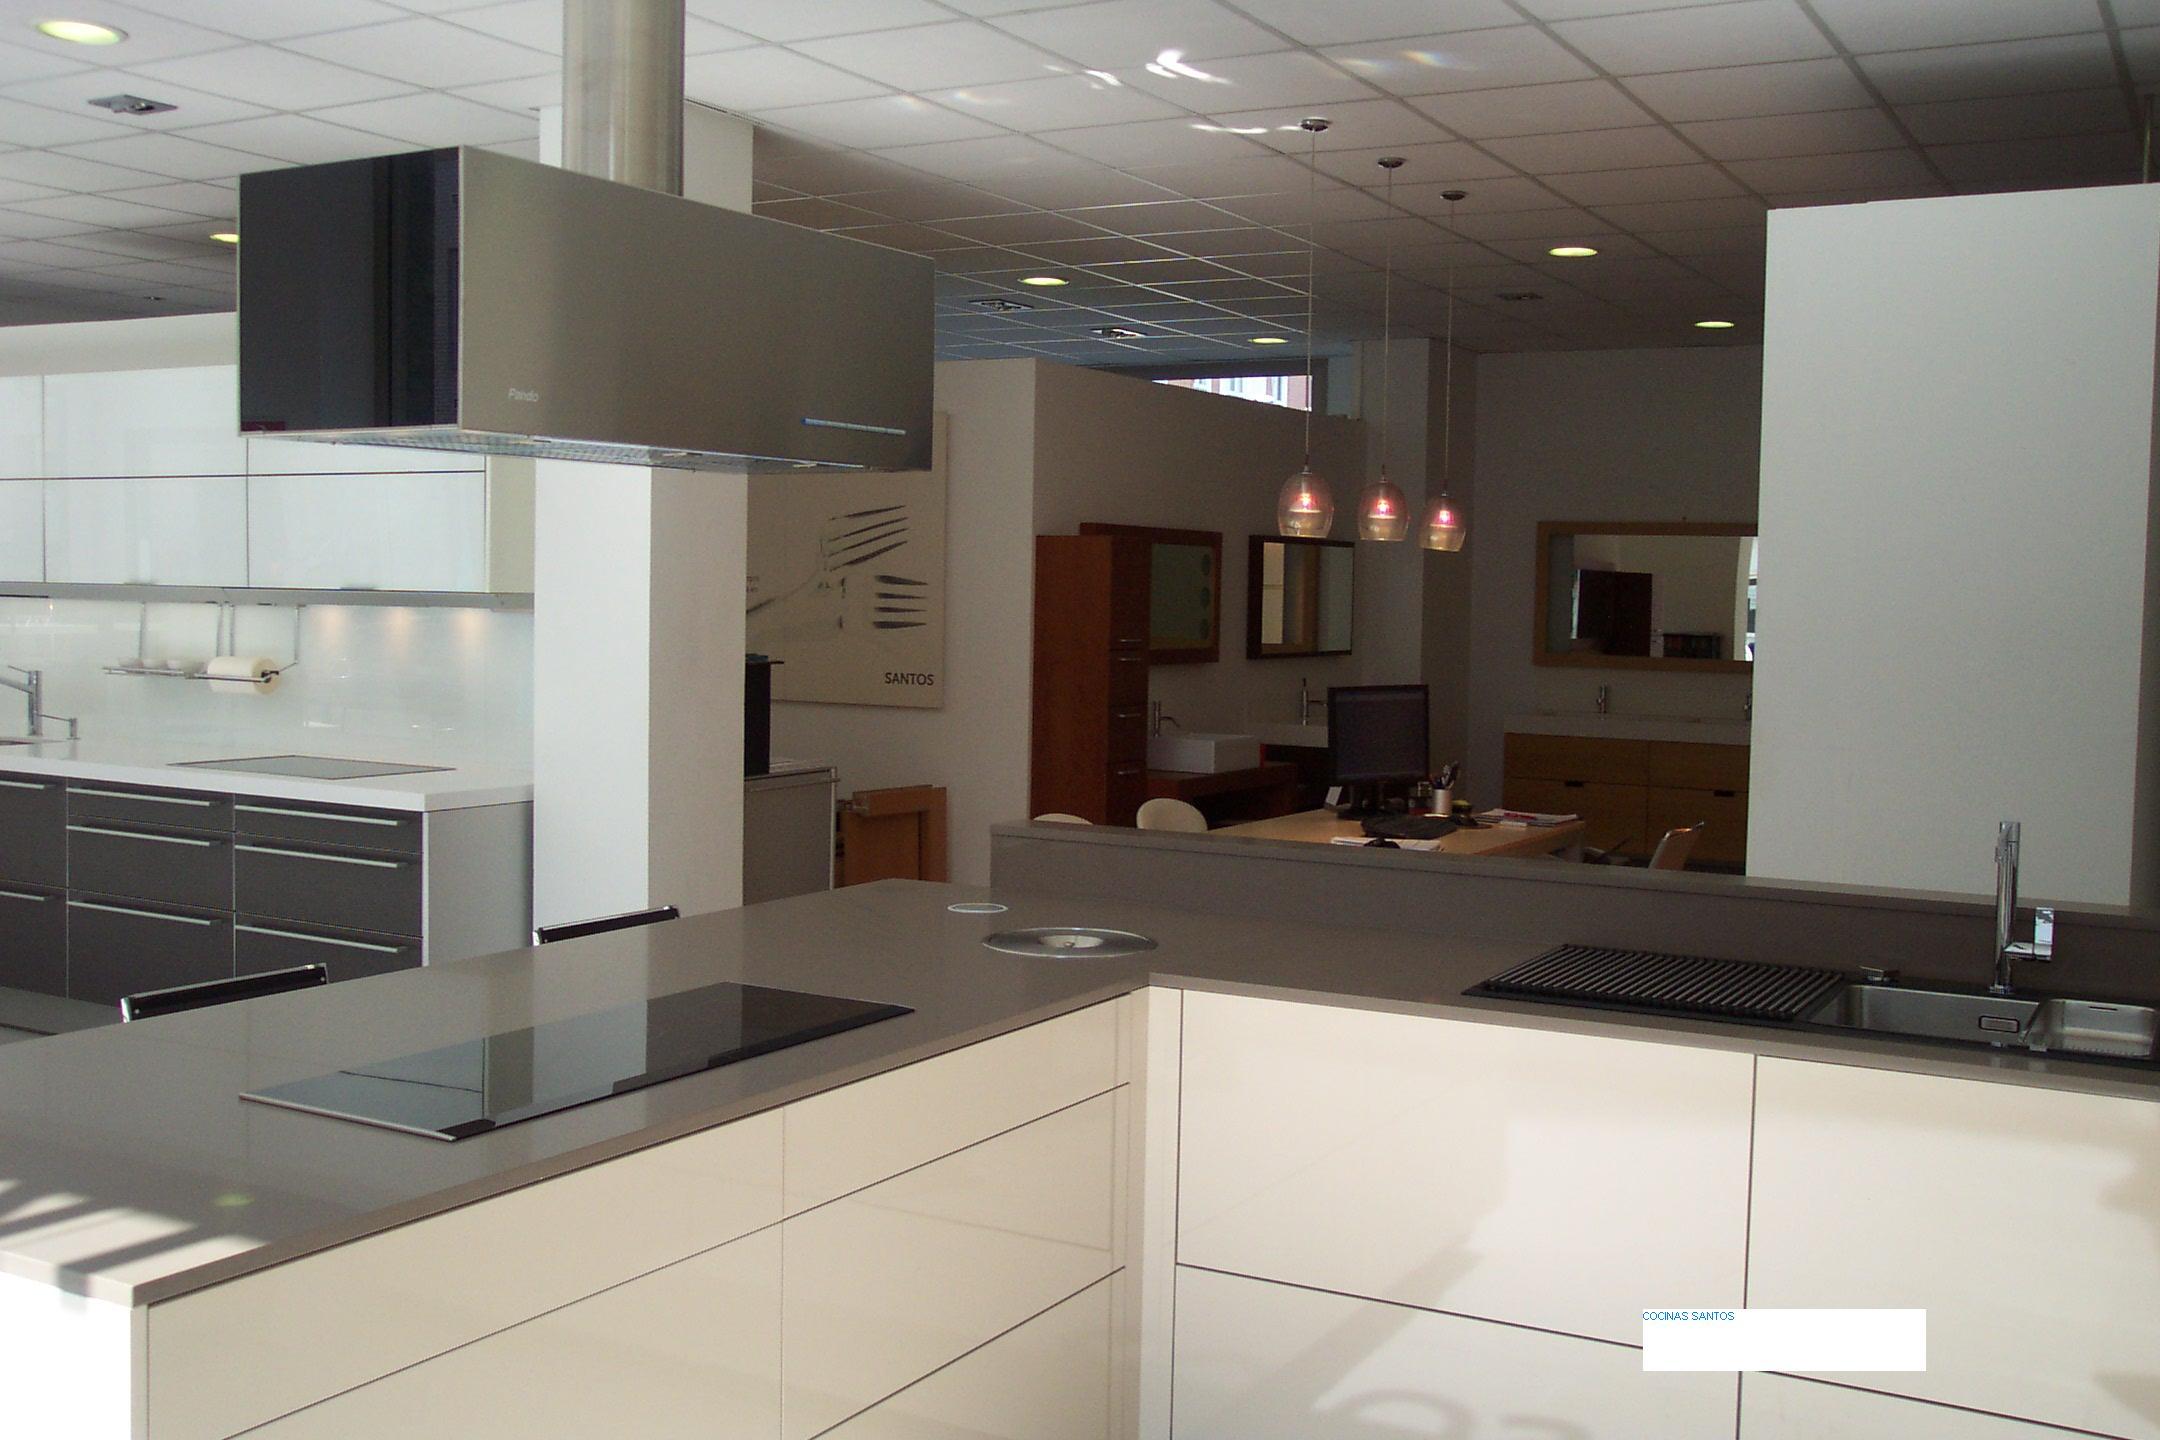 Muebles de cocina santos estudio gij n - Cocinas asturianas gijon ...